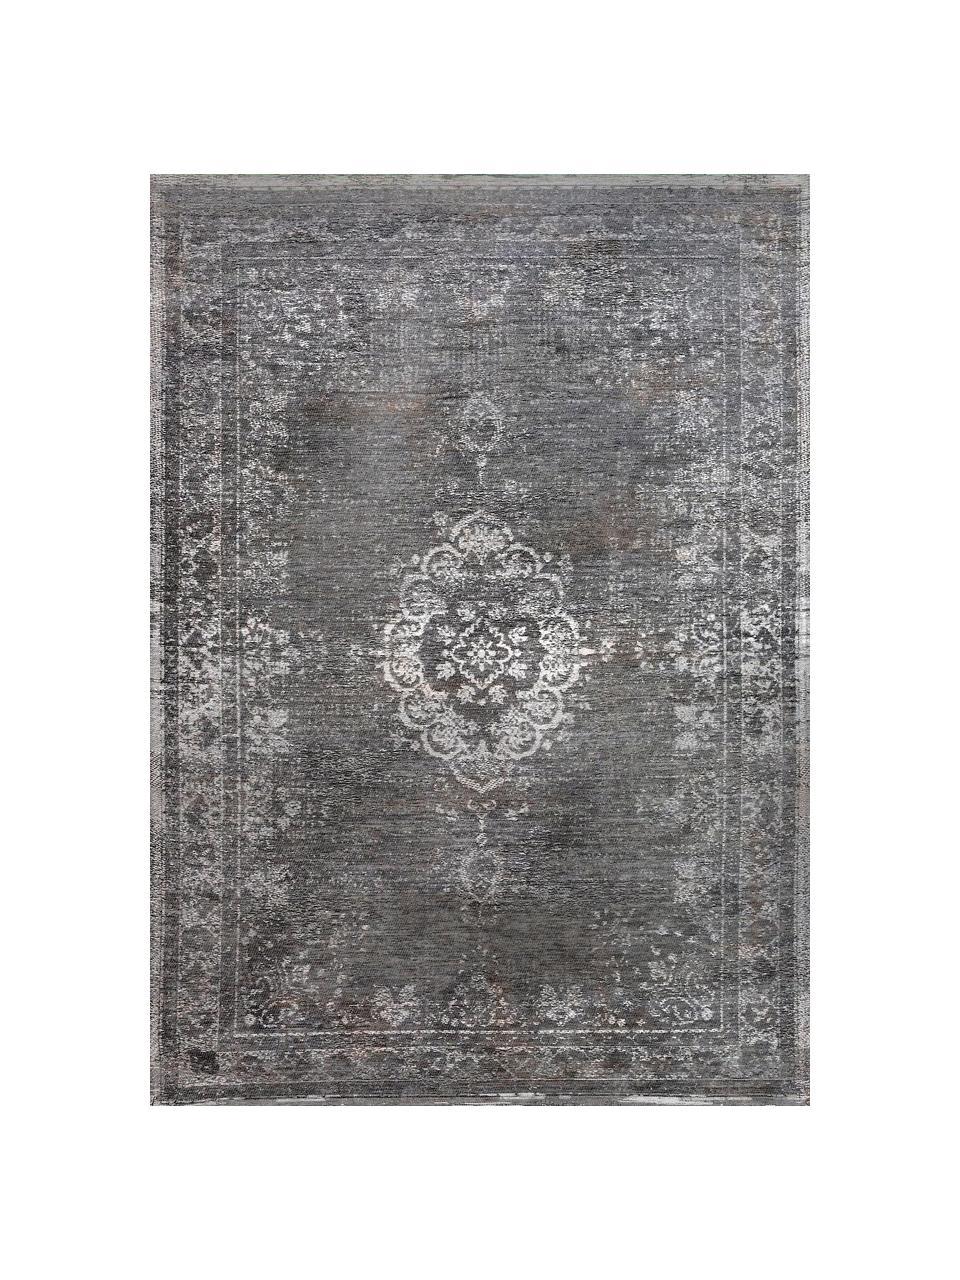 Tappeto vintage in ciniglia color grigio/beige Medaillon, Grigio, beige, Larg. 80 x Lung. 150 cm (taglia XS)